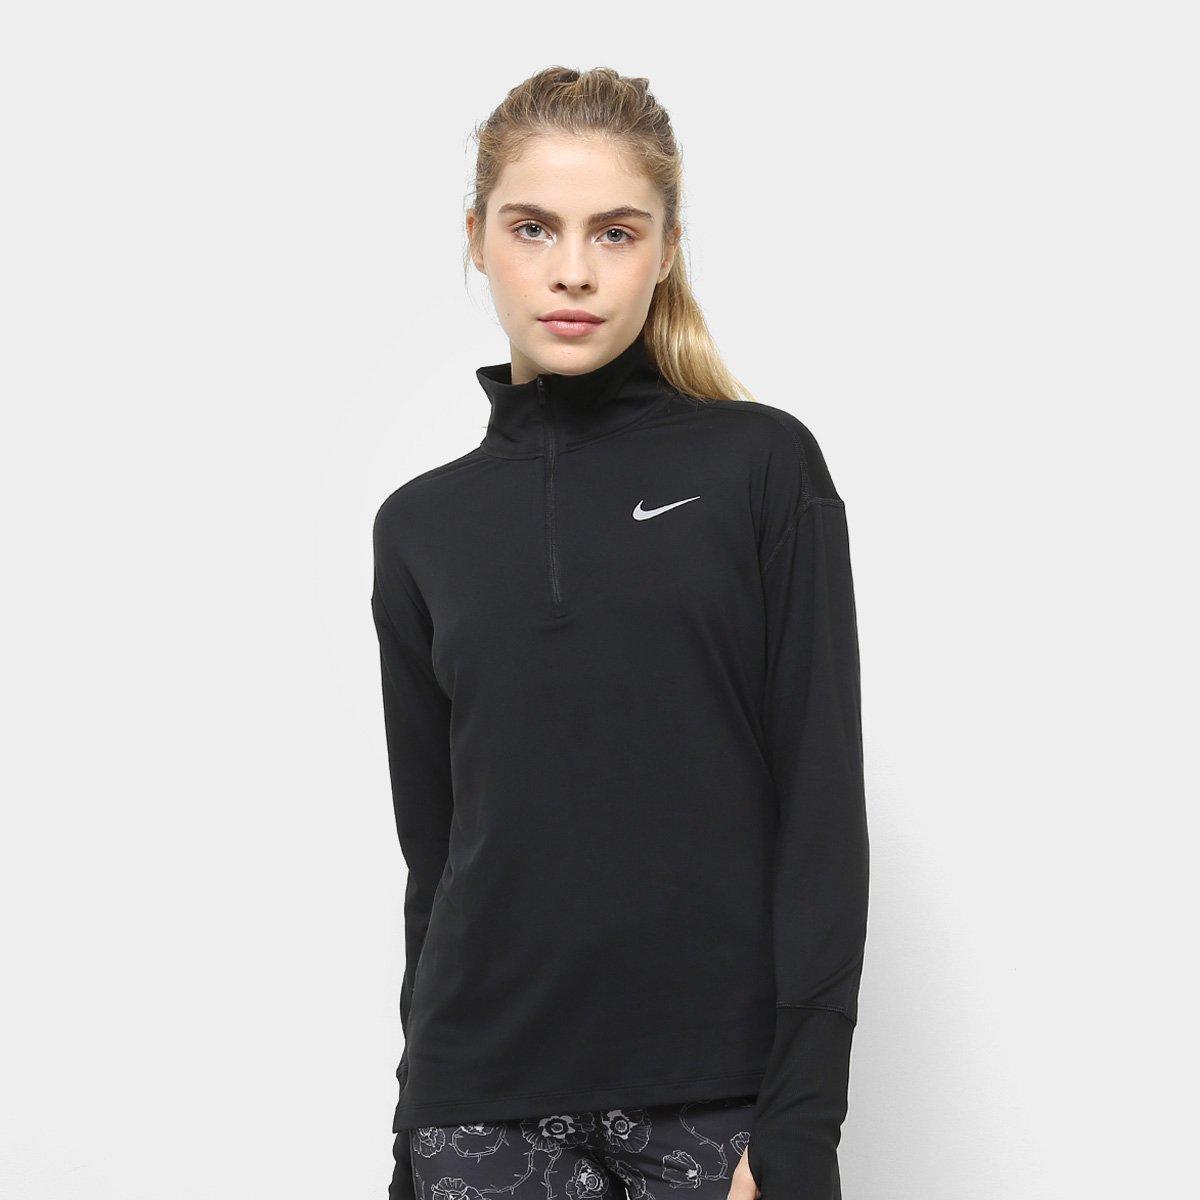 ccfd91fd1d188 Jaqueta Nike Element Top HZ Feminina - Preto - Compre Agora